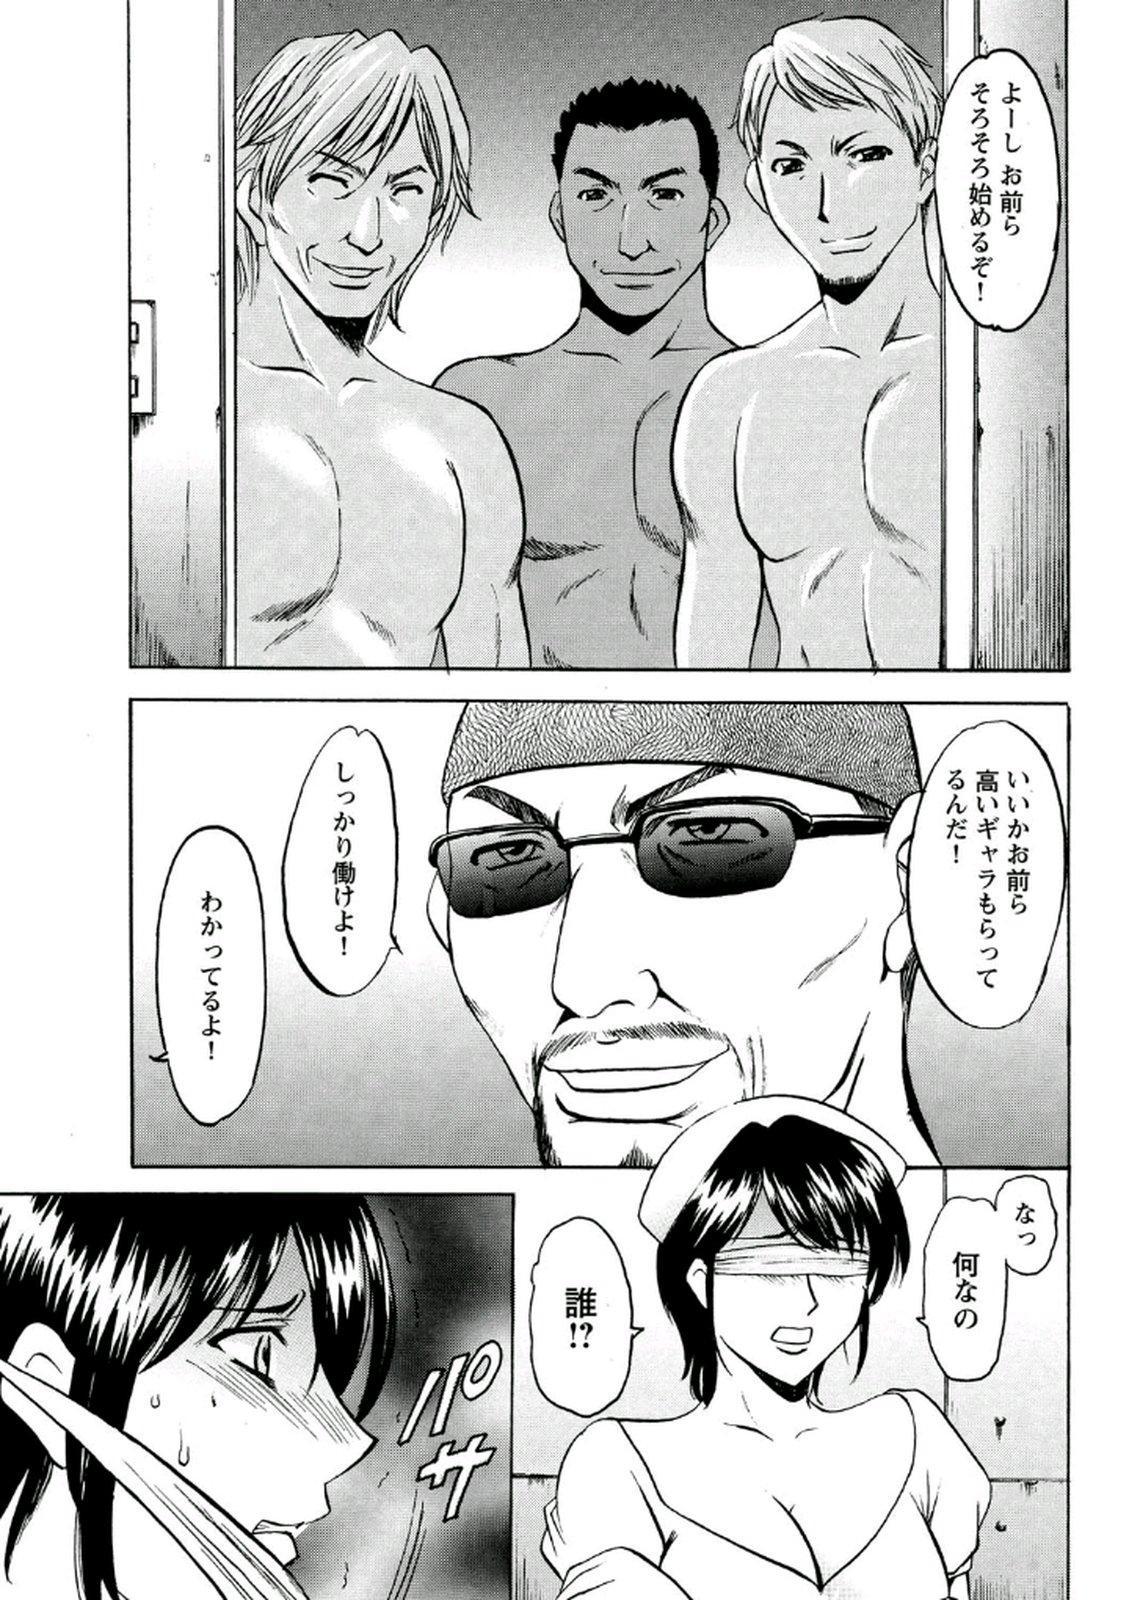 Chijoku Byoutou 142